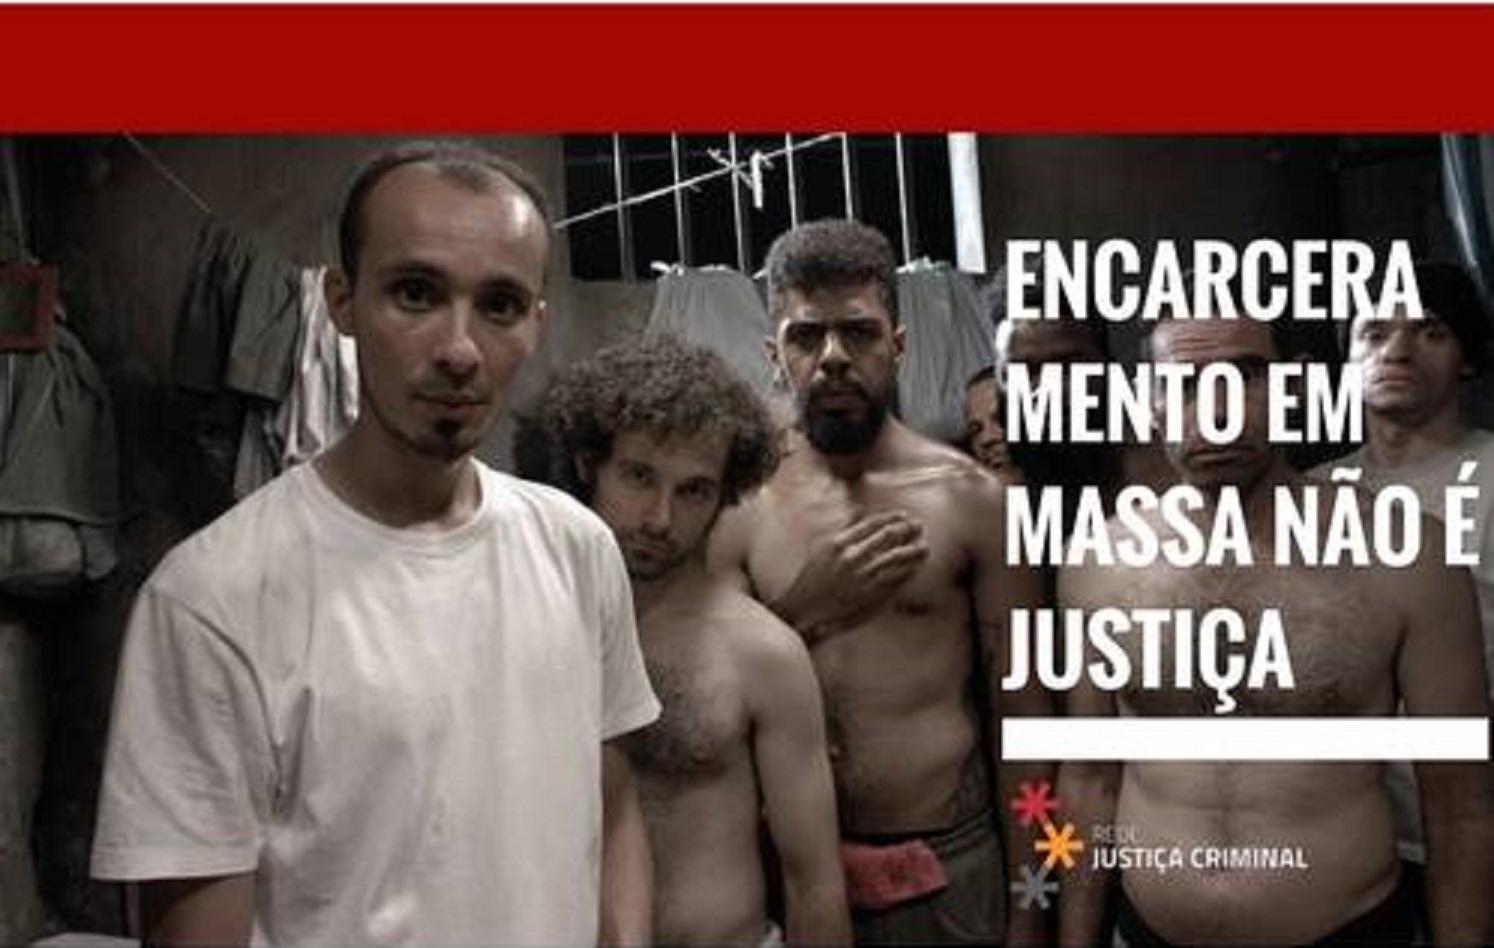 """Lançamento da Campanha """"Encarceramento em massa não é Justiça"""" acontecerá terça-feira (13/06), no TUCA, em São Paulo - Imagem: Reprodução"""